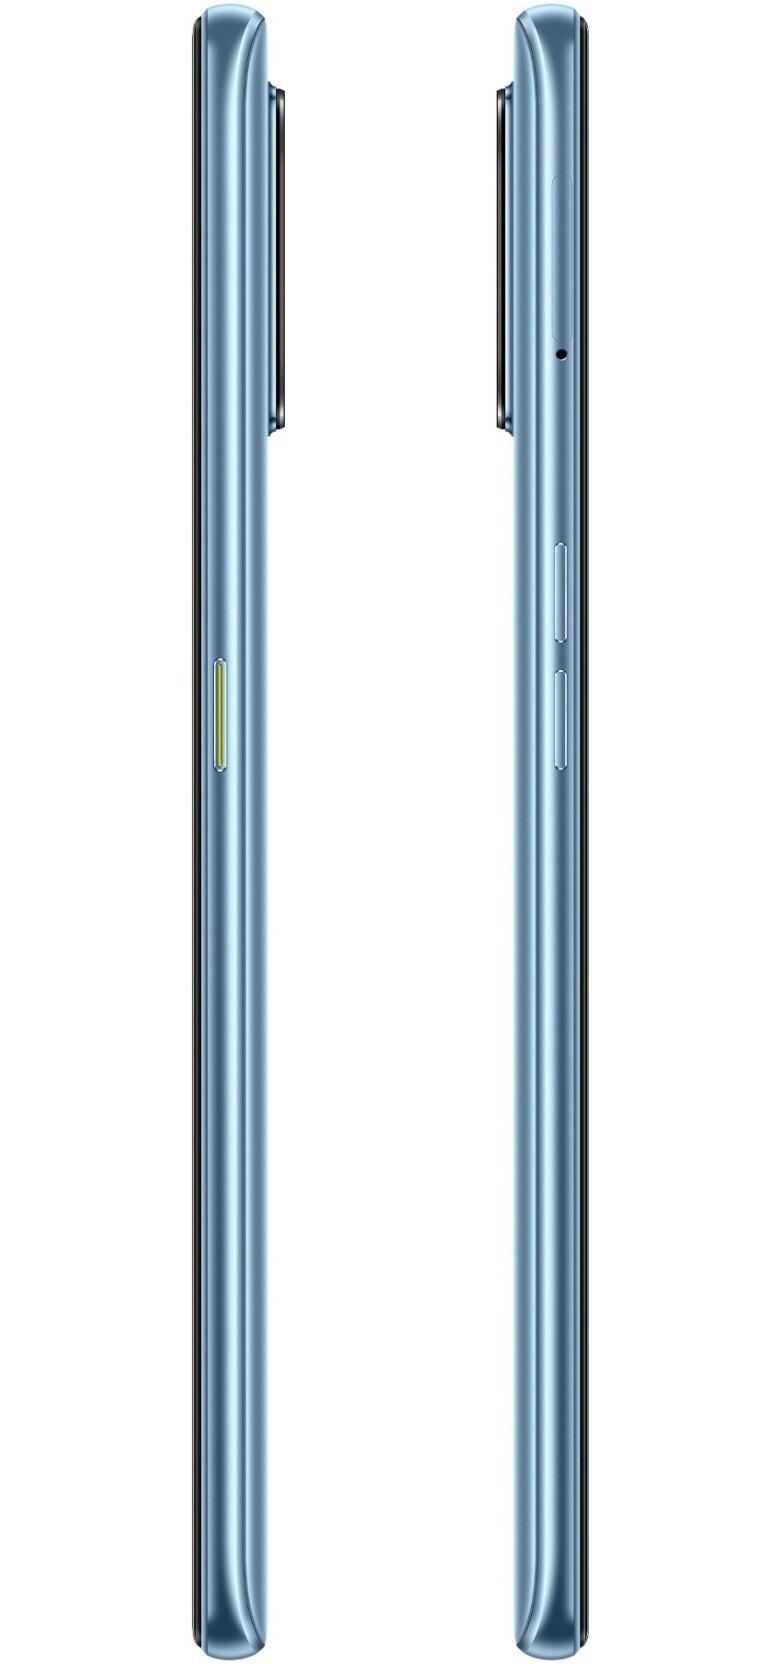 Realme 7 Pro Mirror Silver 8GB |128GB